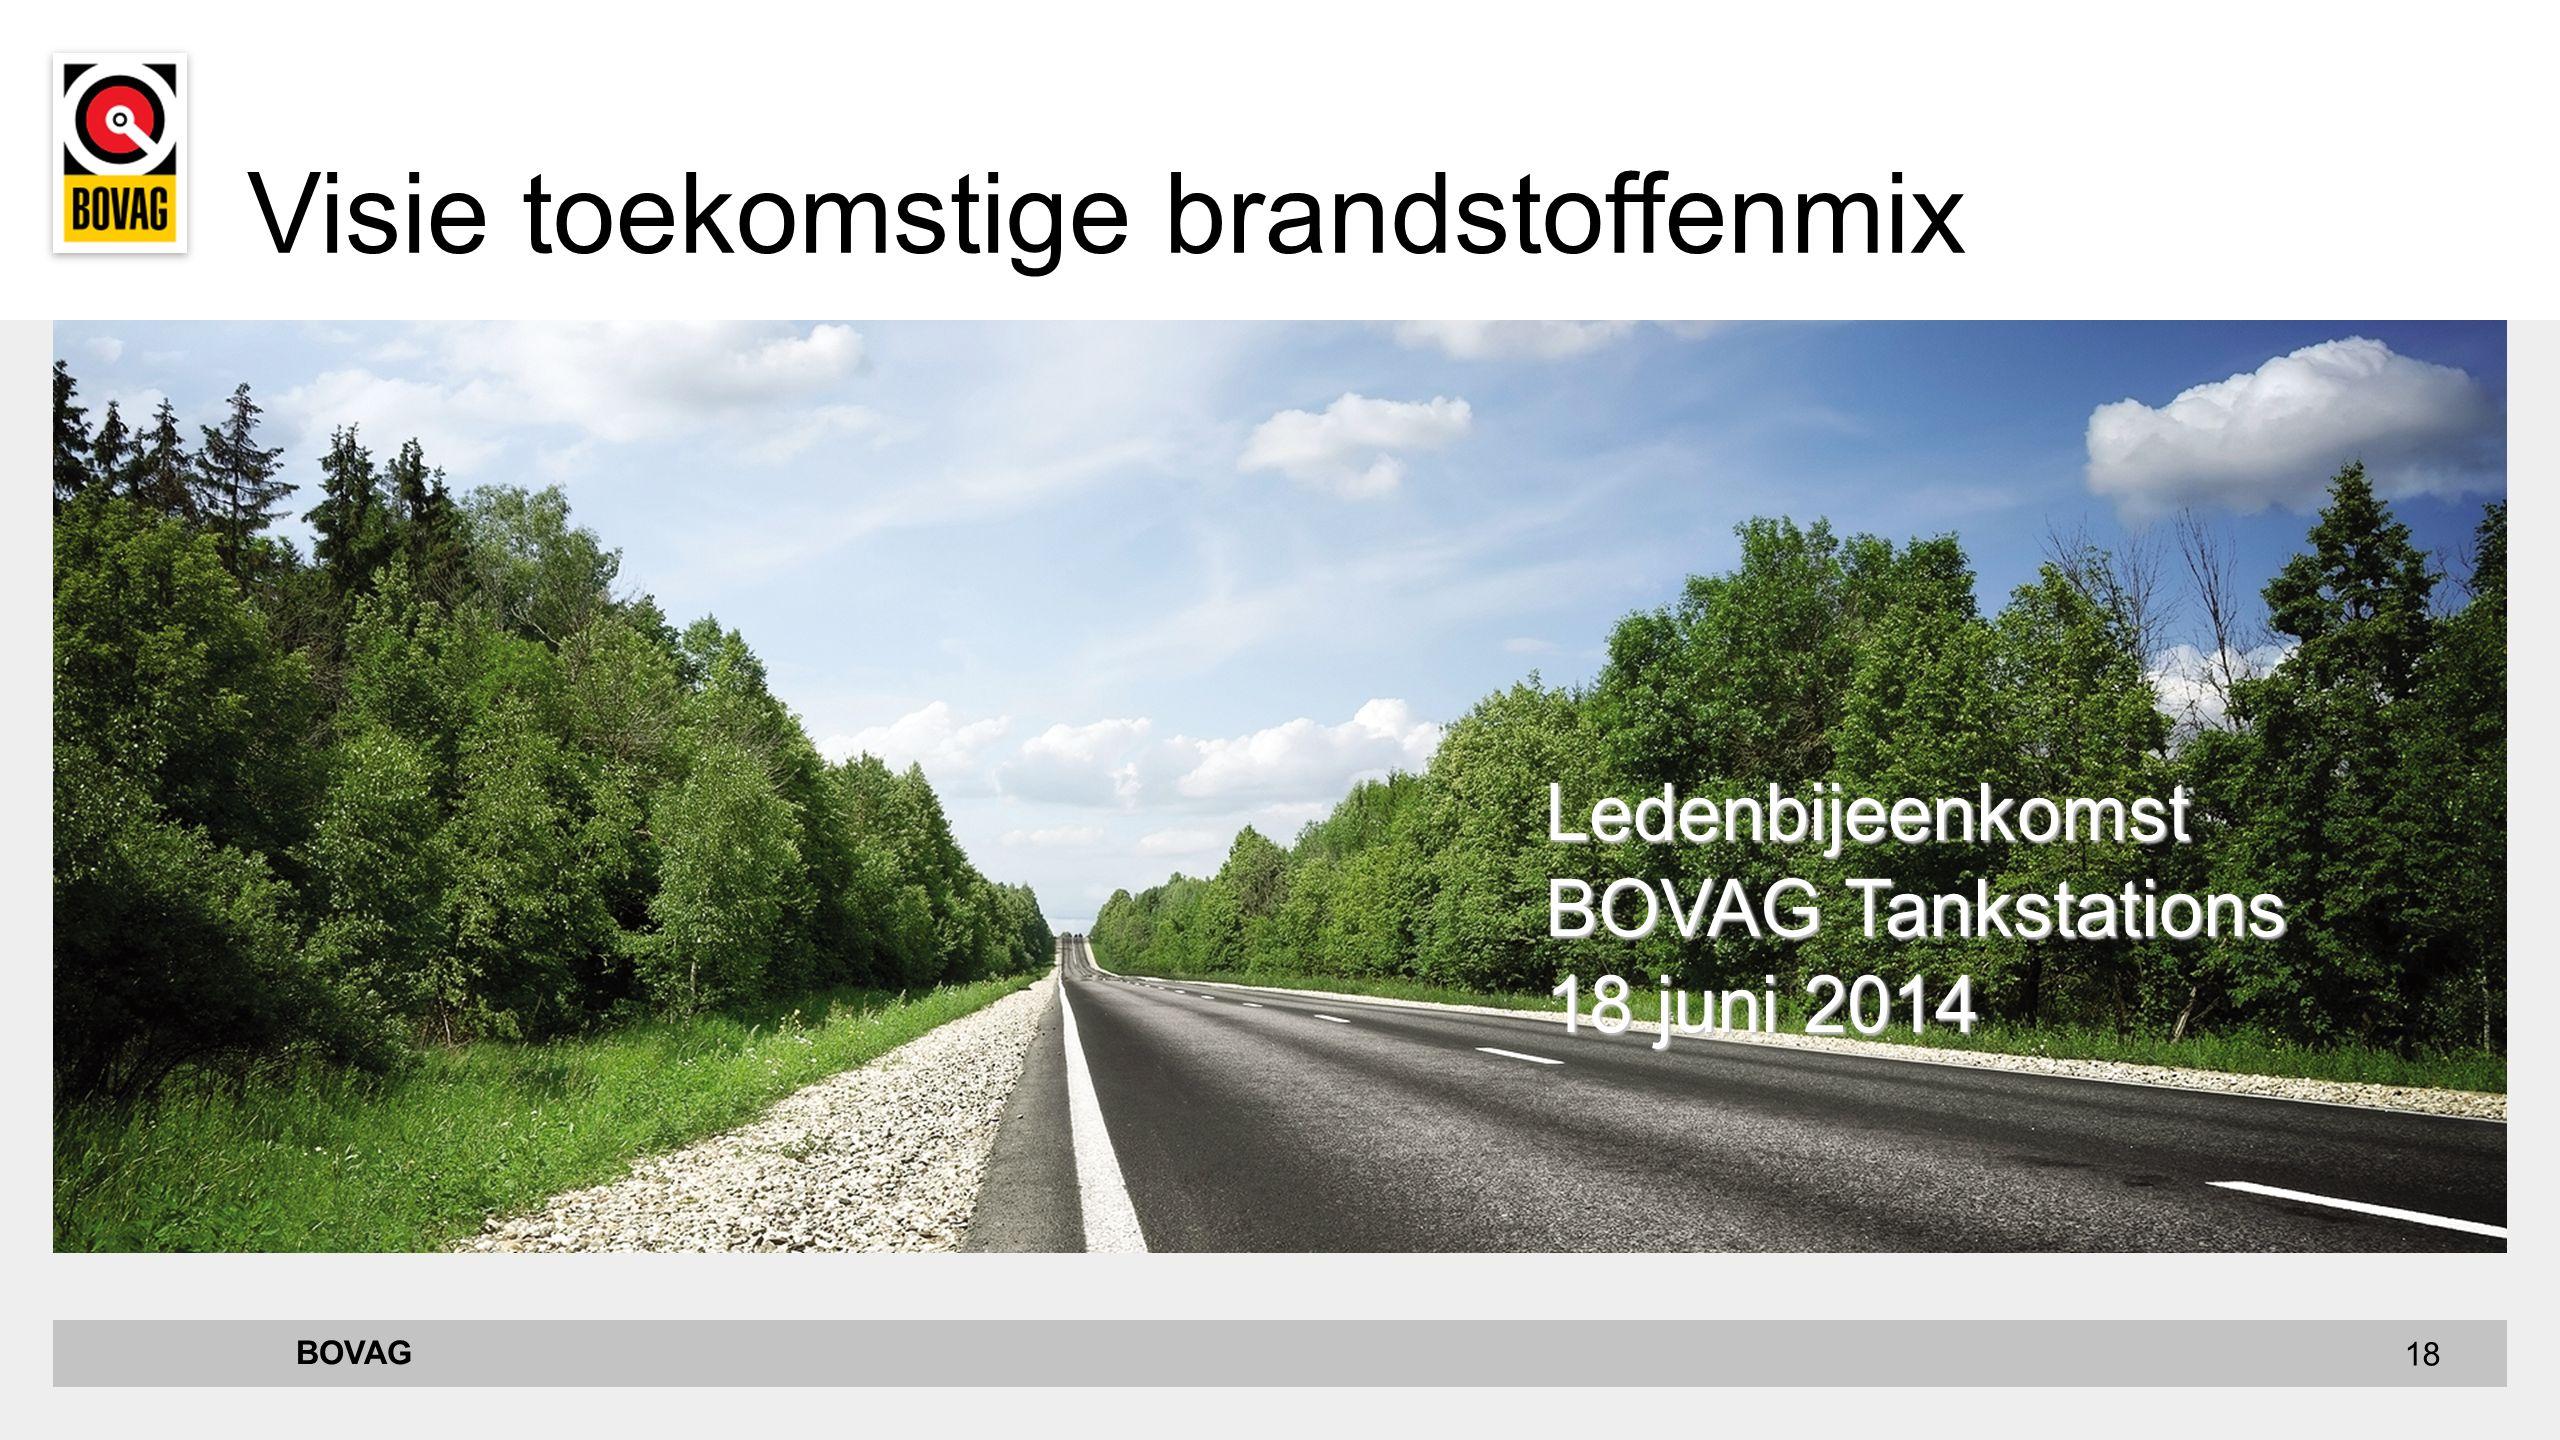 18 BOVAG Ledenbijeenkomst BOVAG Tankstations 18 juni 2014 Visie toekomstige brandstoffenmix